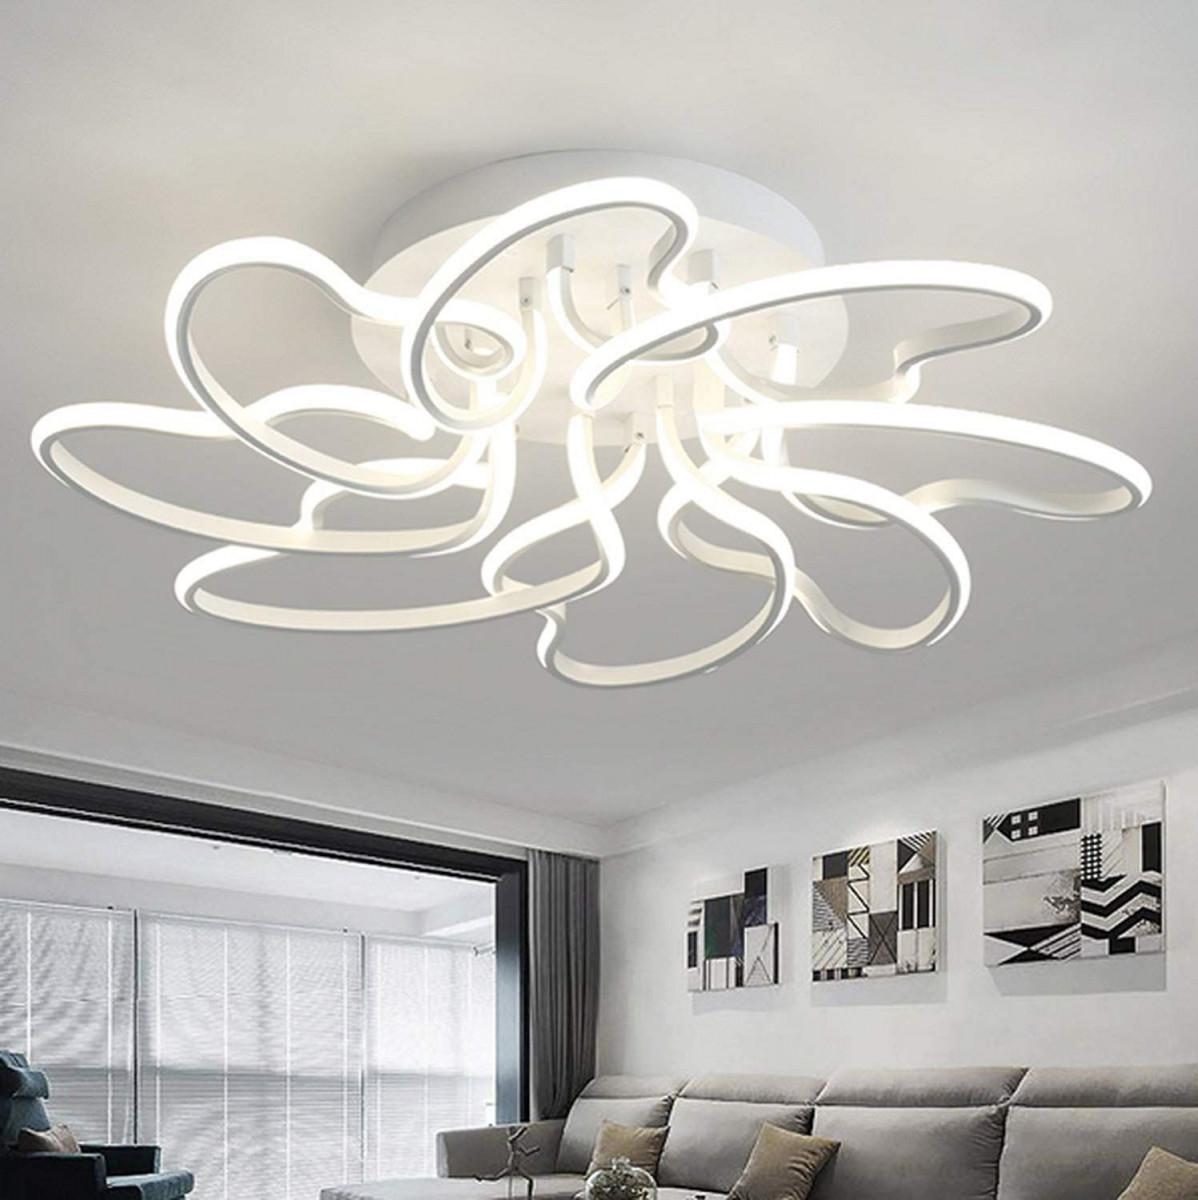 Moderne Deckenleuchten Für Wohnzimmer Arbeitszimmer von Moderne Deckenlampe Wohnzimmer Bild